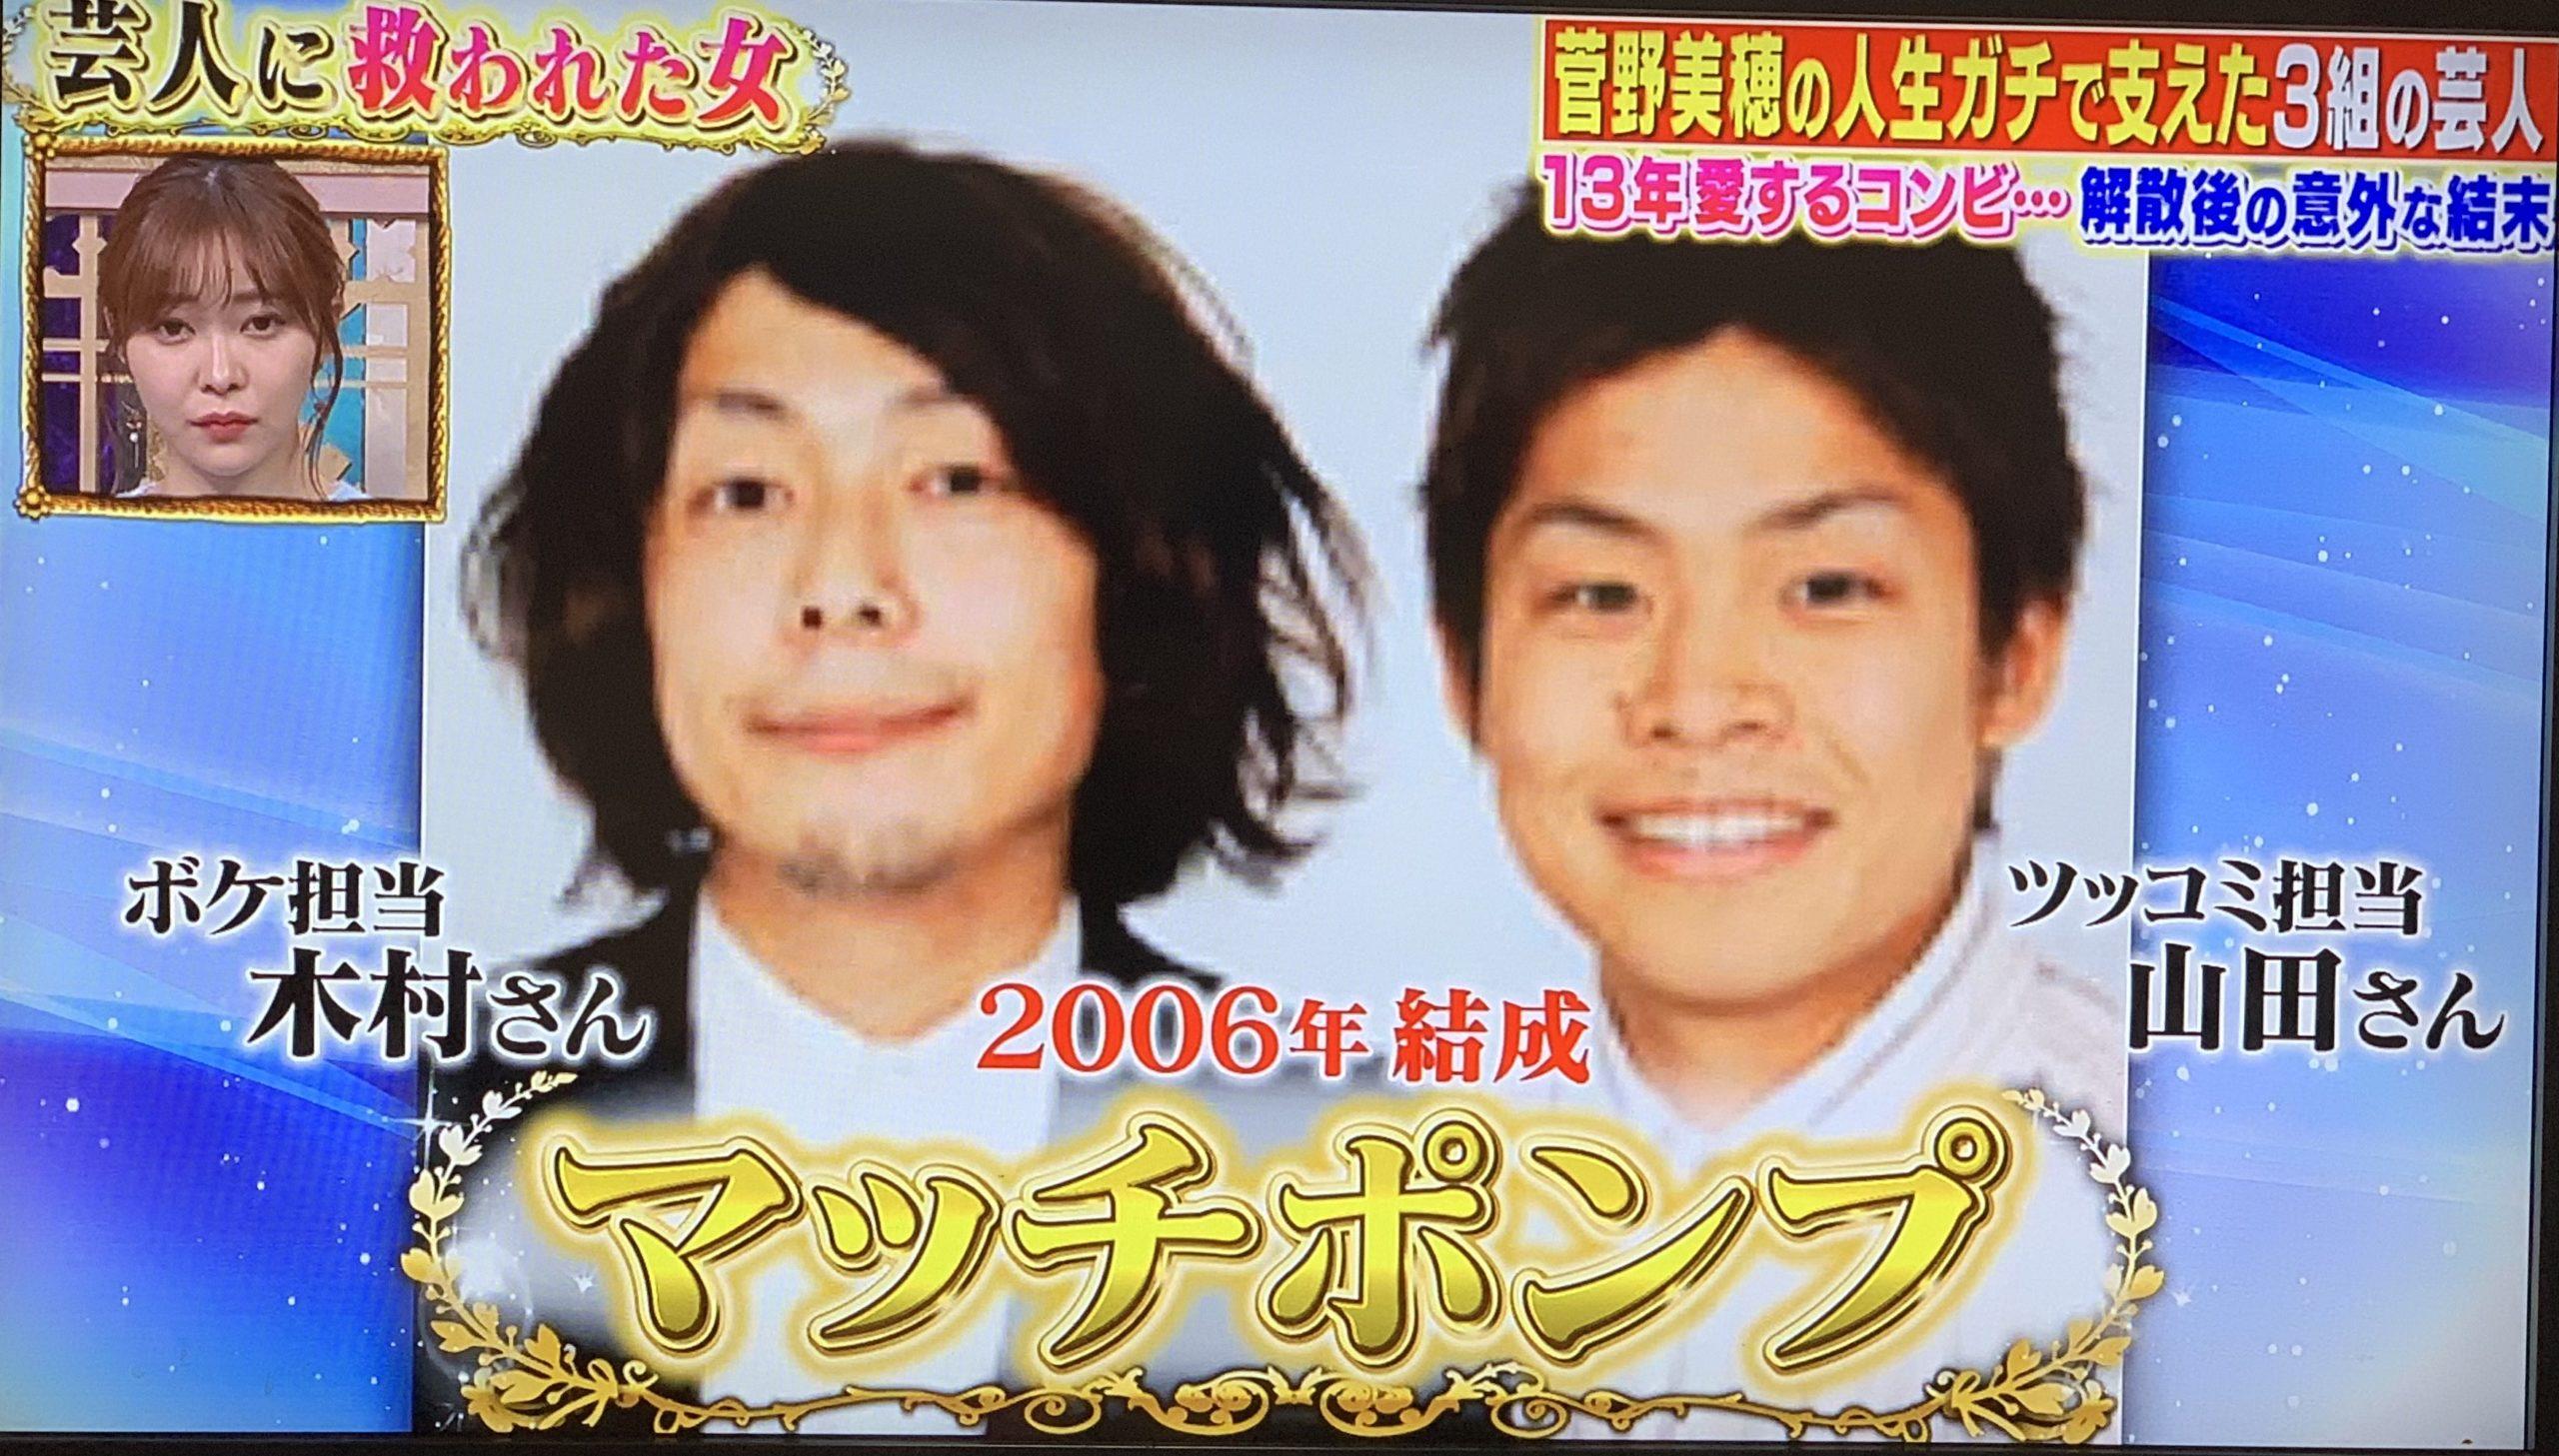 2006年にマッチポンプ結成